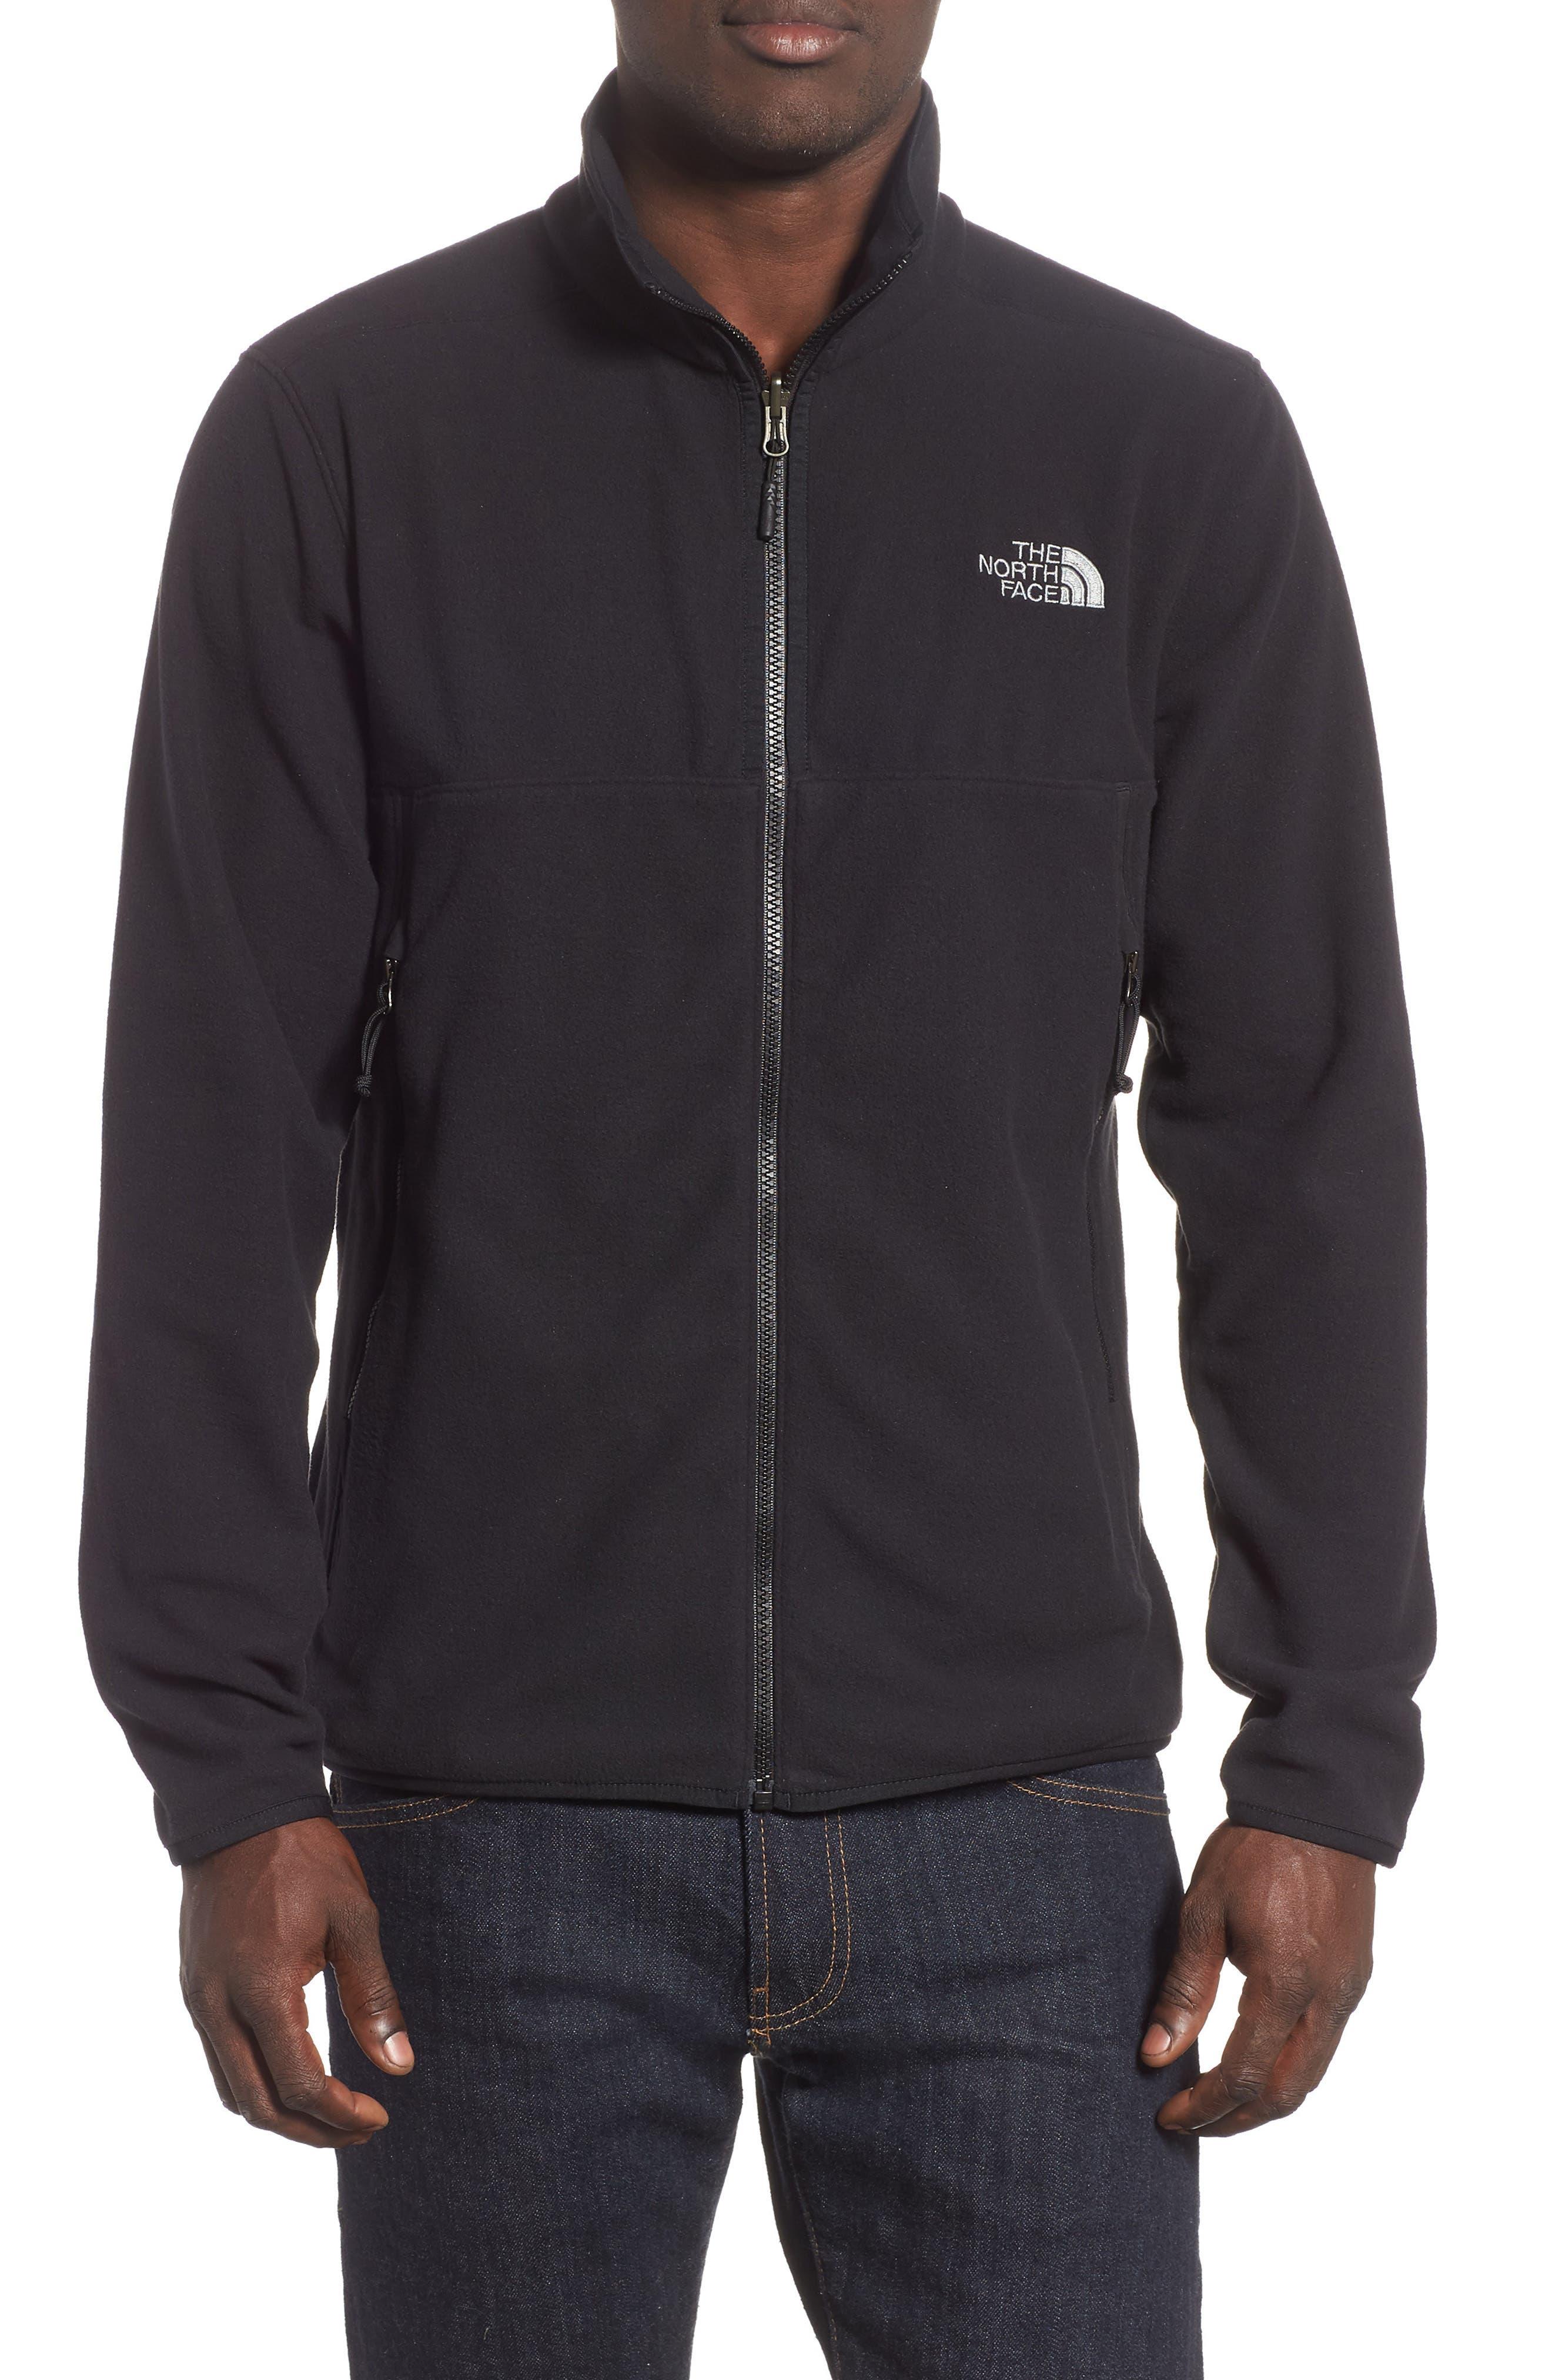 THE NORTH FACE Glacier Alpine Jacket, Main, color, TNF BLACK